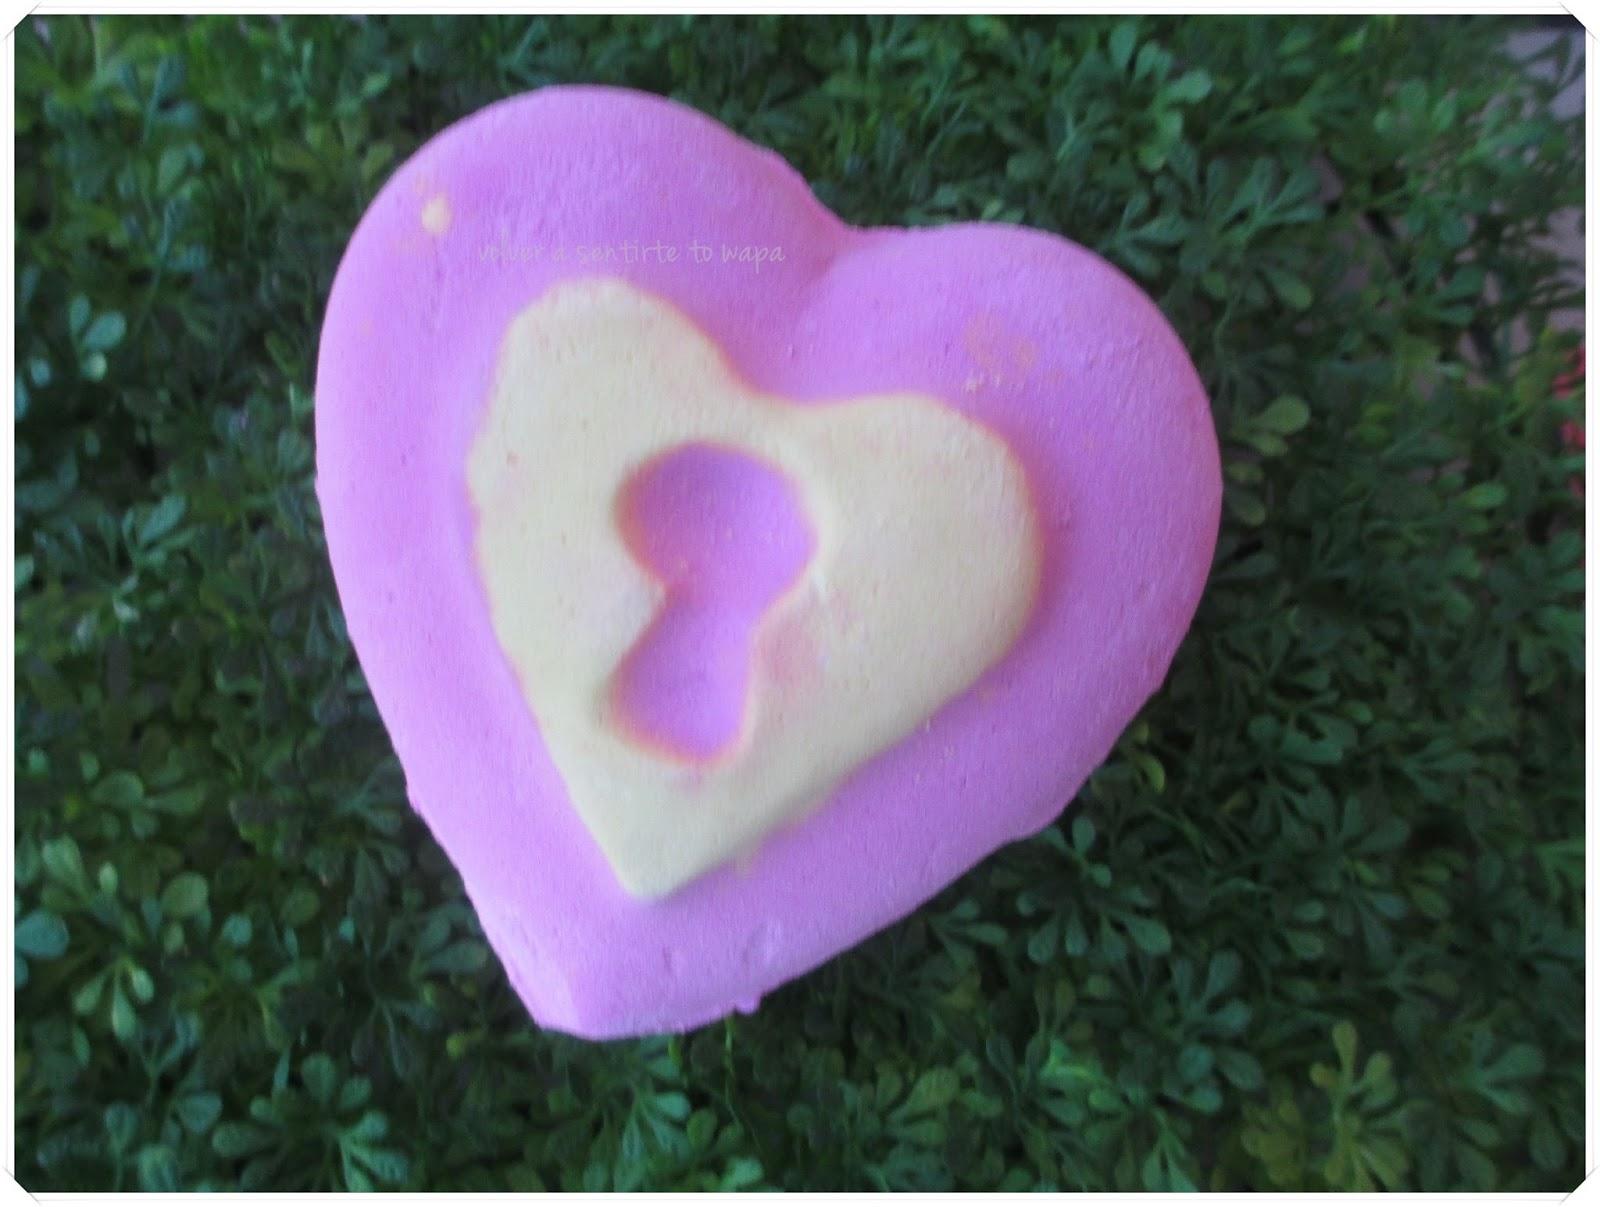 LOTS OF LOVE de LUSH - Bomba de Baño Love Locket